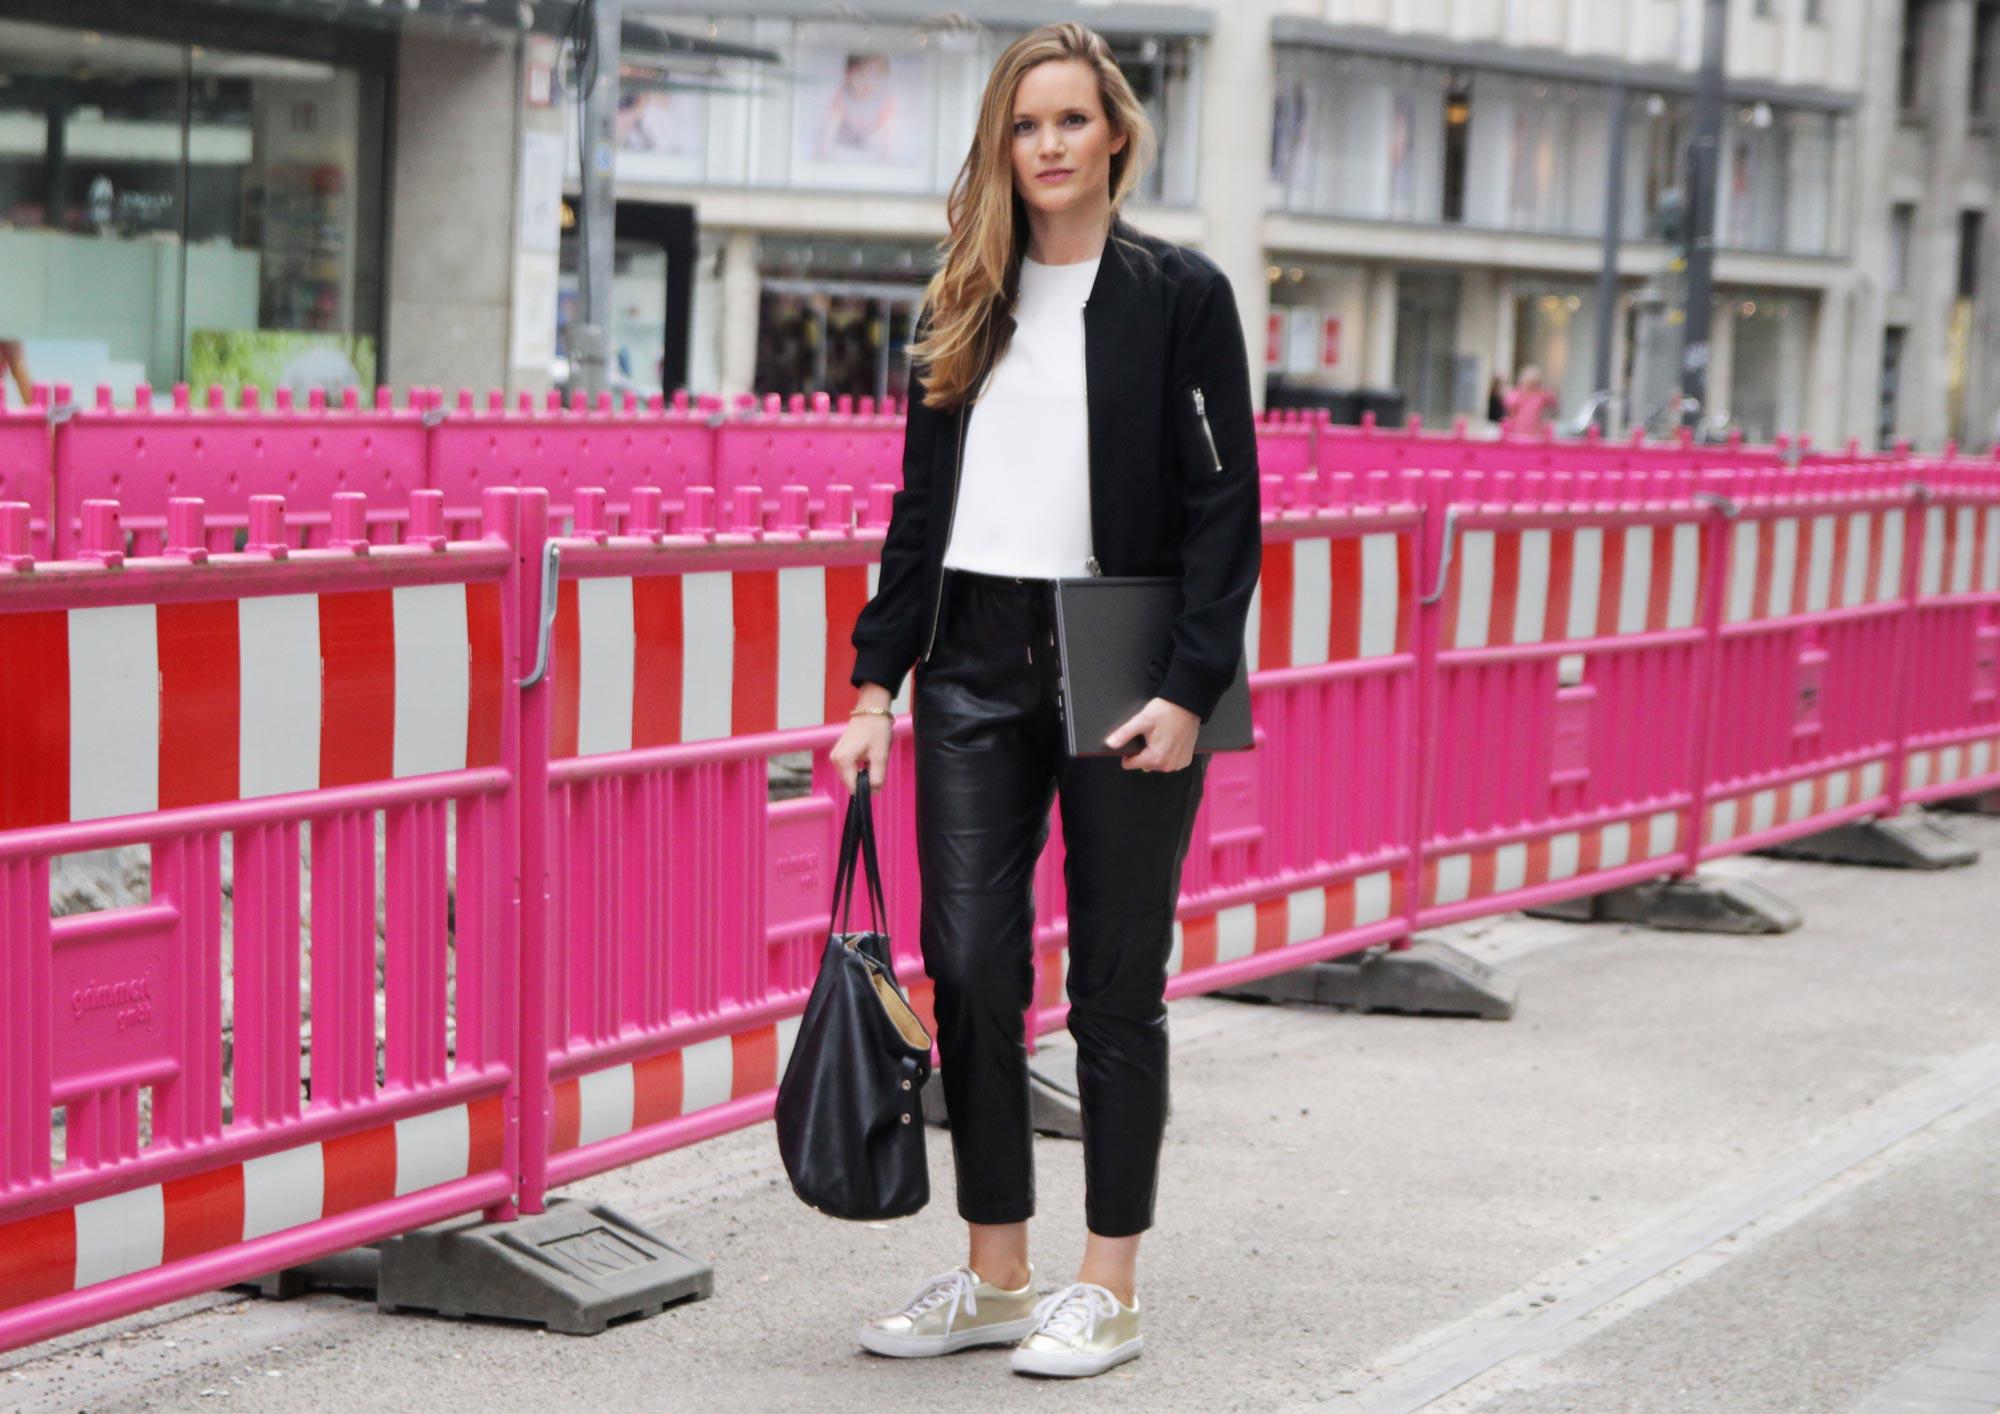 be02a572bab24f Während der Berliner Mercedes-Benz Fashion Week ist mal wieder klar  geworden  In der Mode zu arbeiten ist für viele Frauen und Männer nach wie  vor ein ...